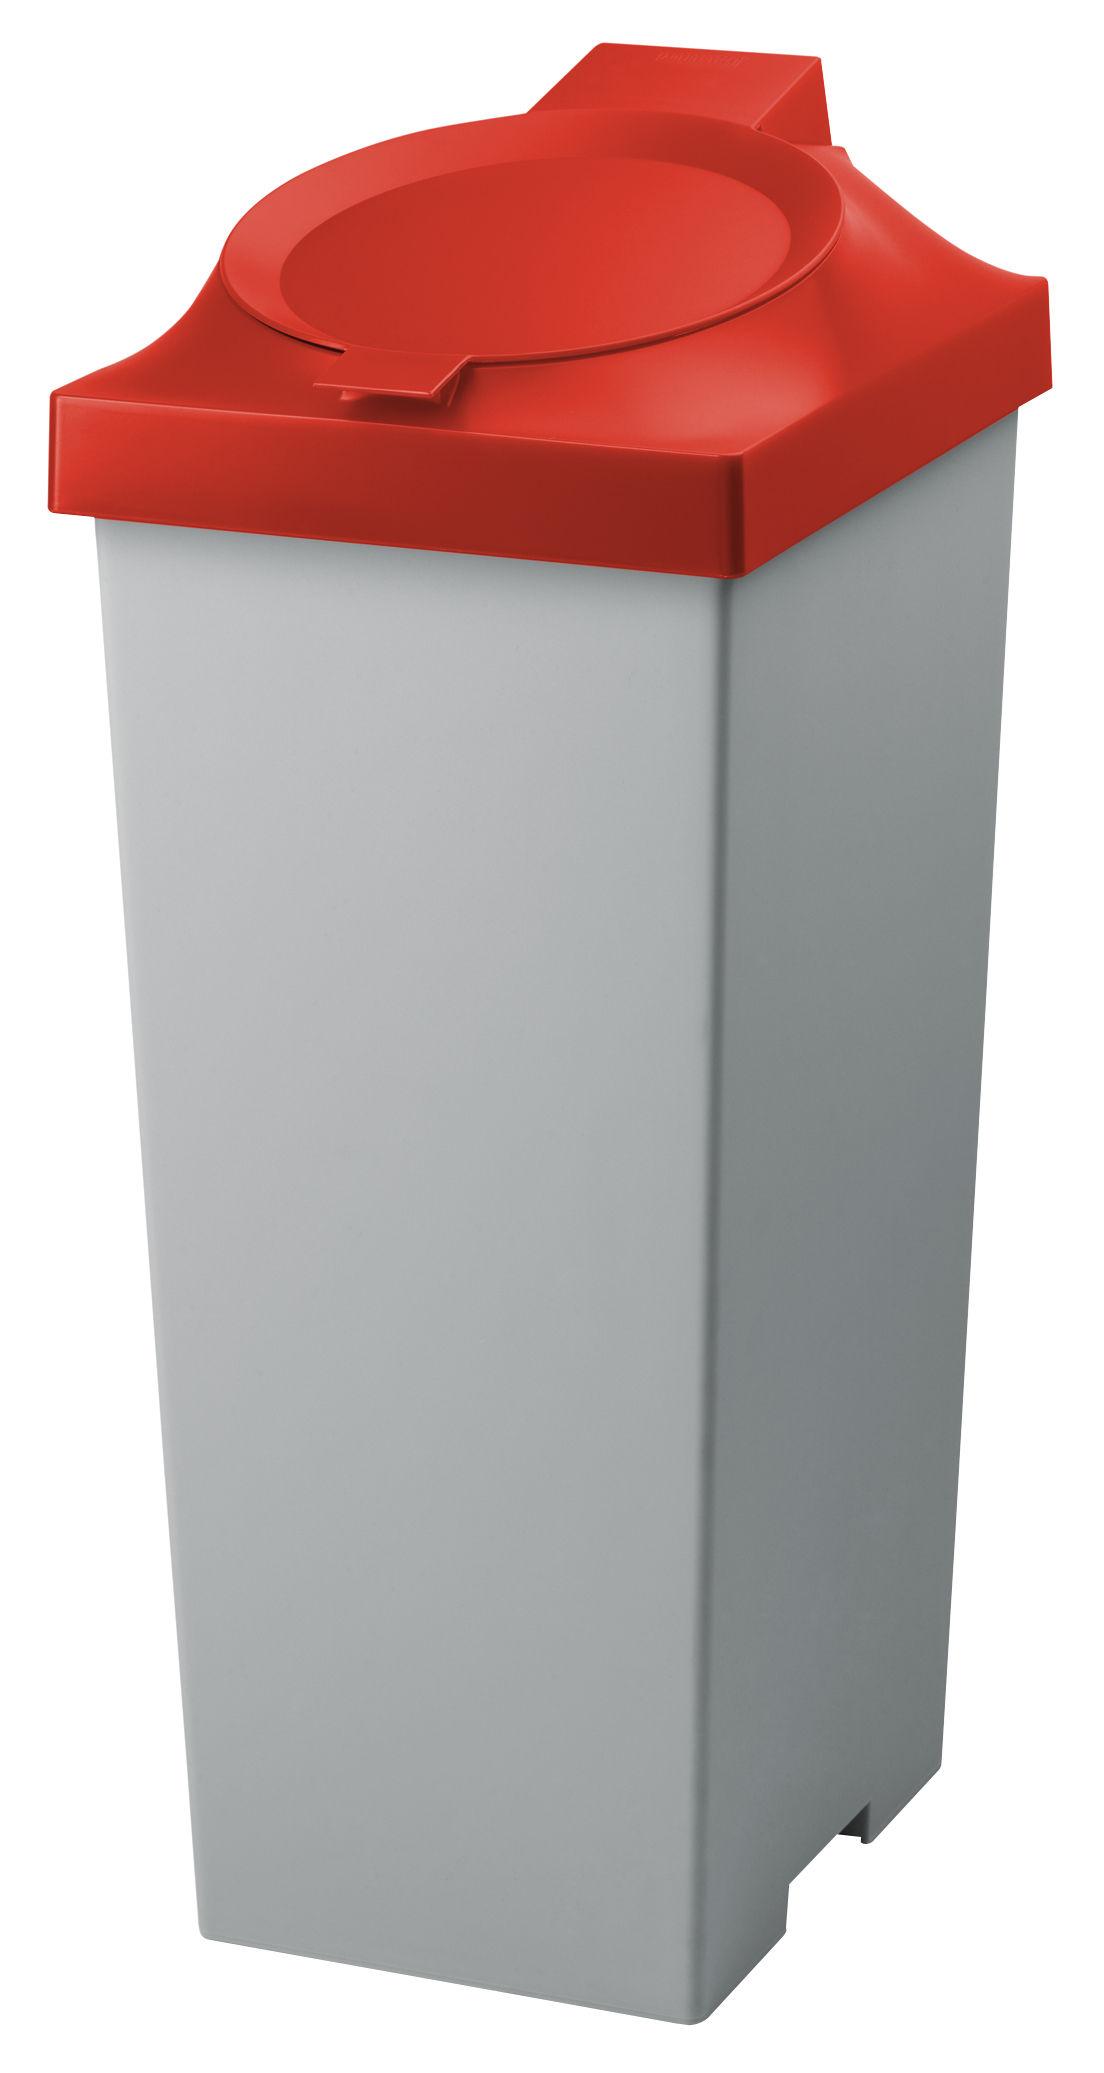 Kitchenware - Bins - Top Bin by Authentics - Red - Polypropylene